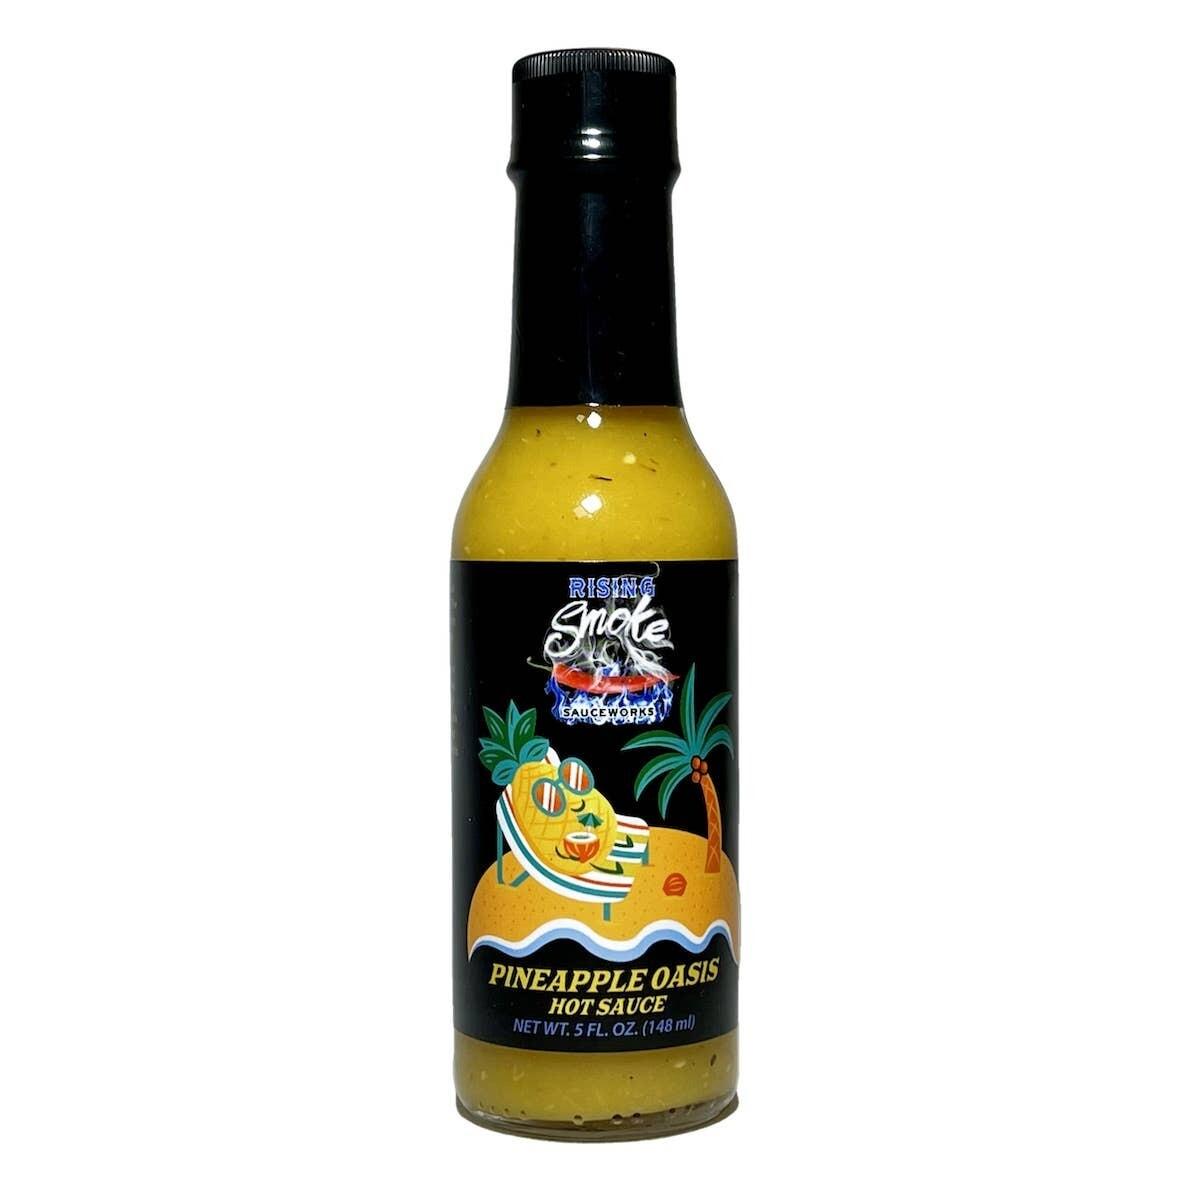 Rising Smoke  - Pineapple Oasis - 5 oz. Bottle